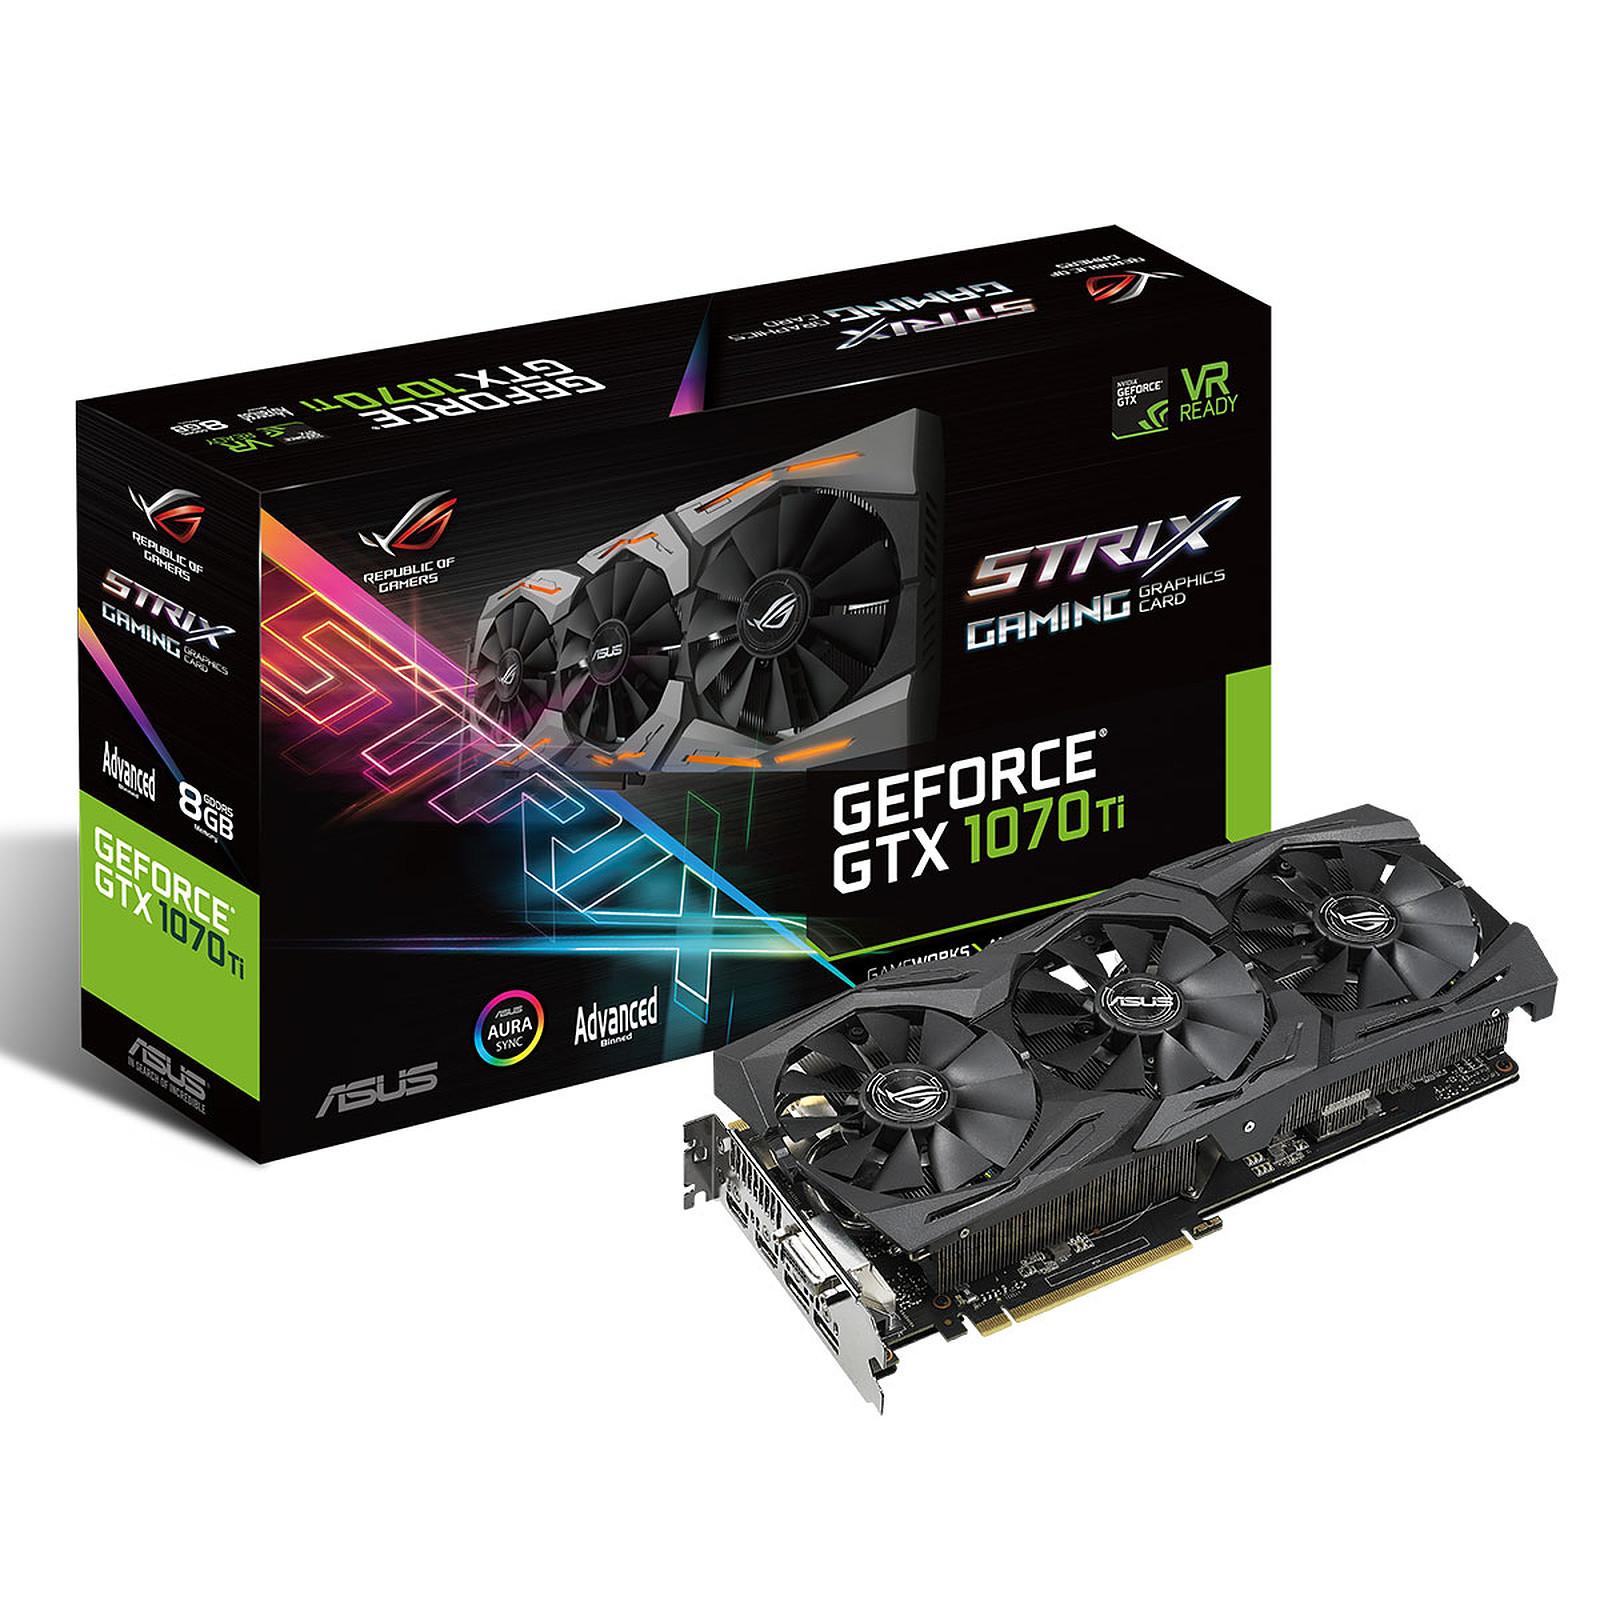 ASUS GeForce GTX 1070 Ti ROG-STRIX-GTX1070Ti-A8G-GAMING